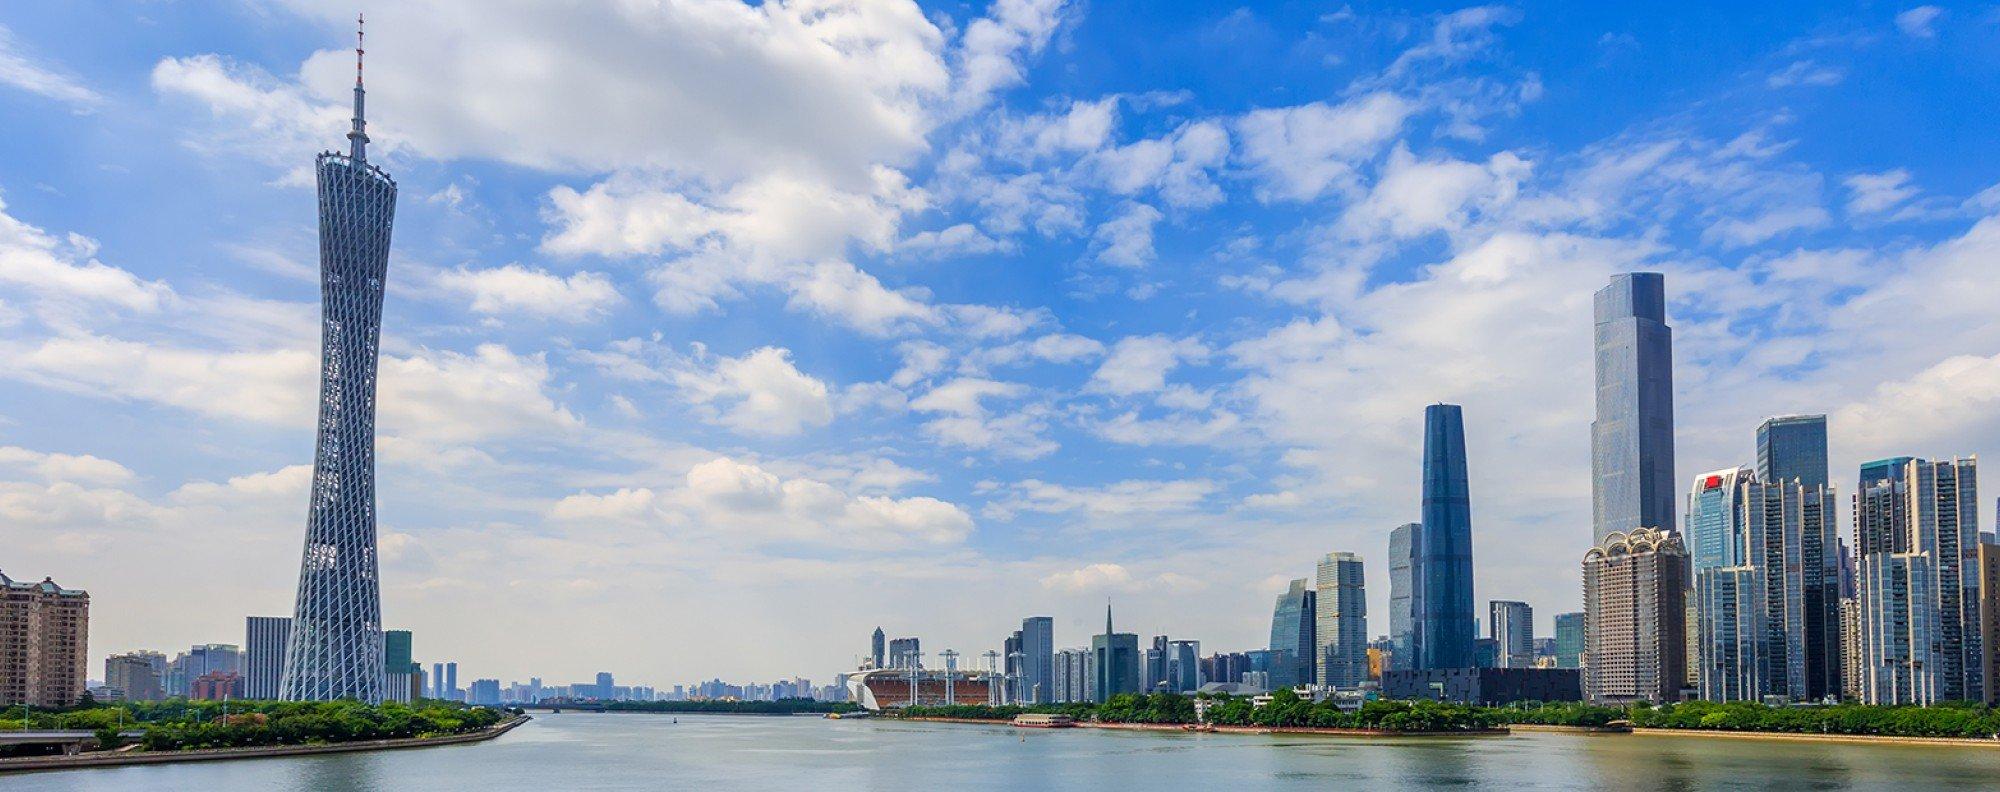 Guangzhou skyline. Photo: Shutterstock